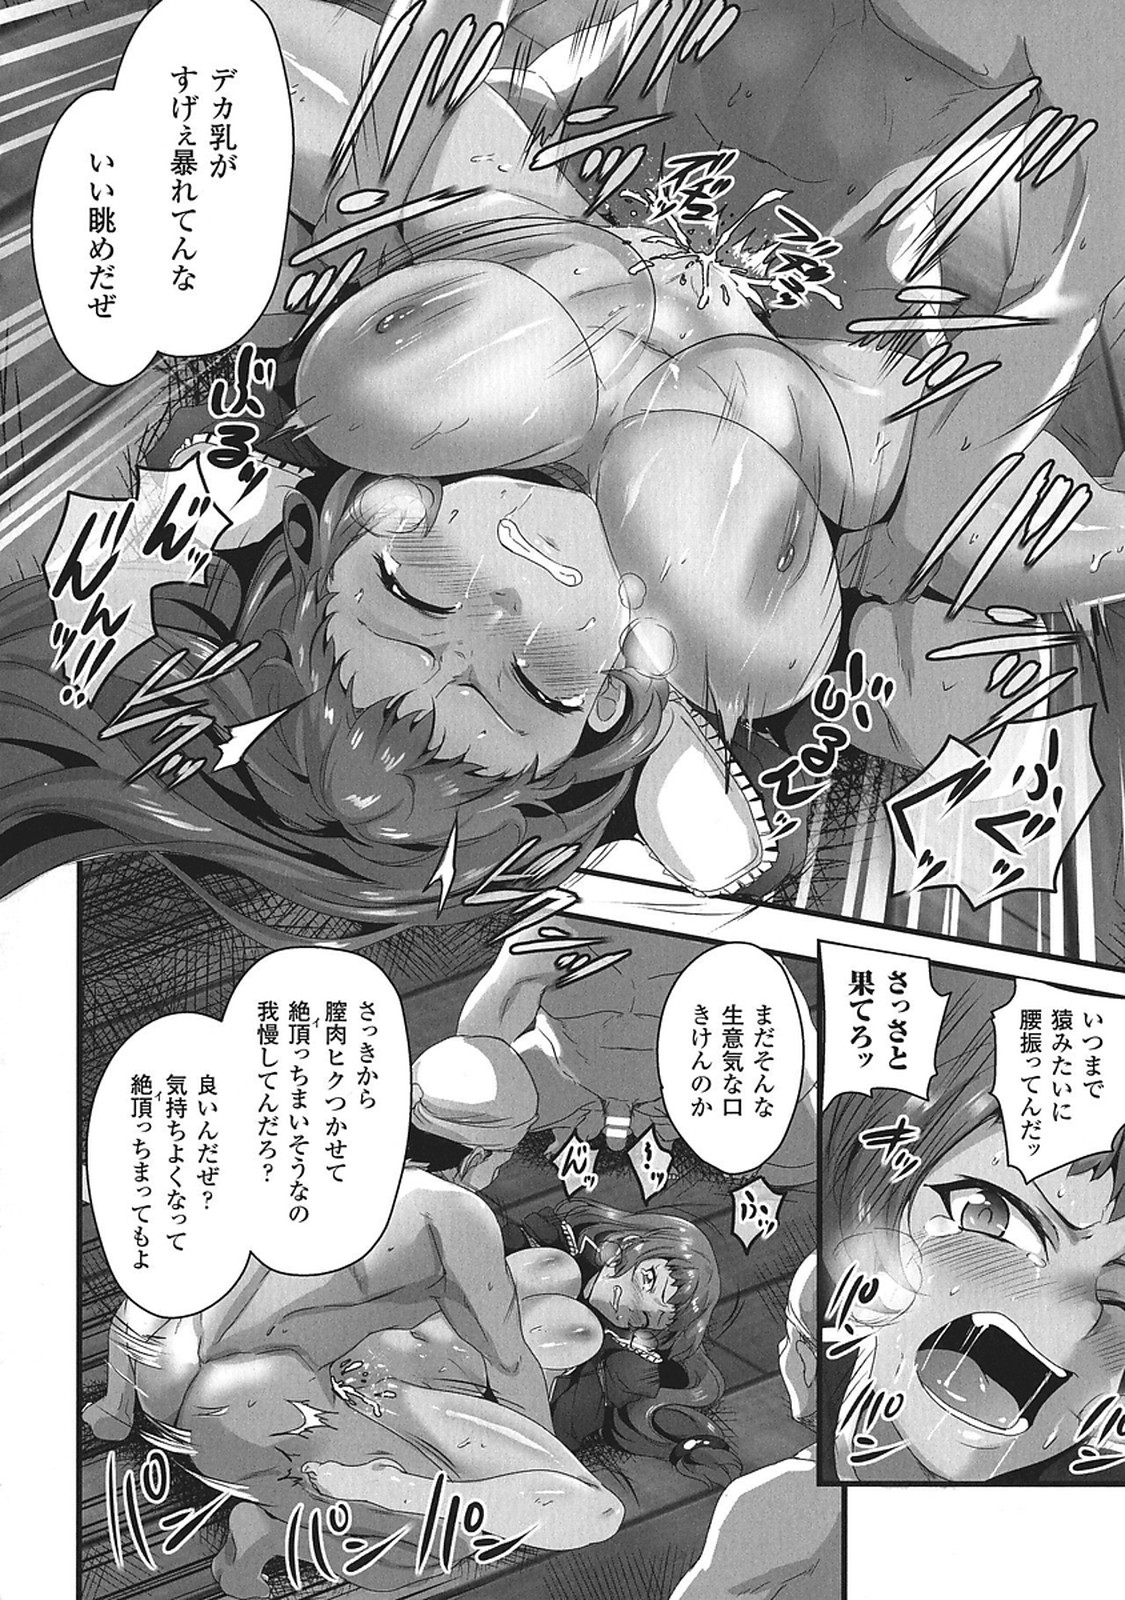 【エロ漫画】女だけの海賊団を率いる姉御肌の船長…部下たちの前で鬼畜な男たちに嬲られ快楽堕ちwww【K2isu:被虐の女海賊】